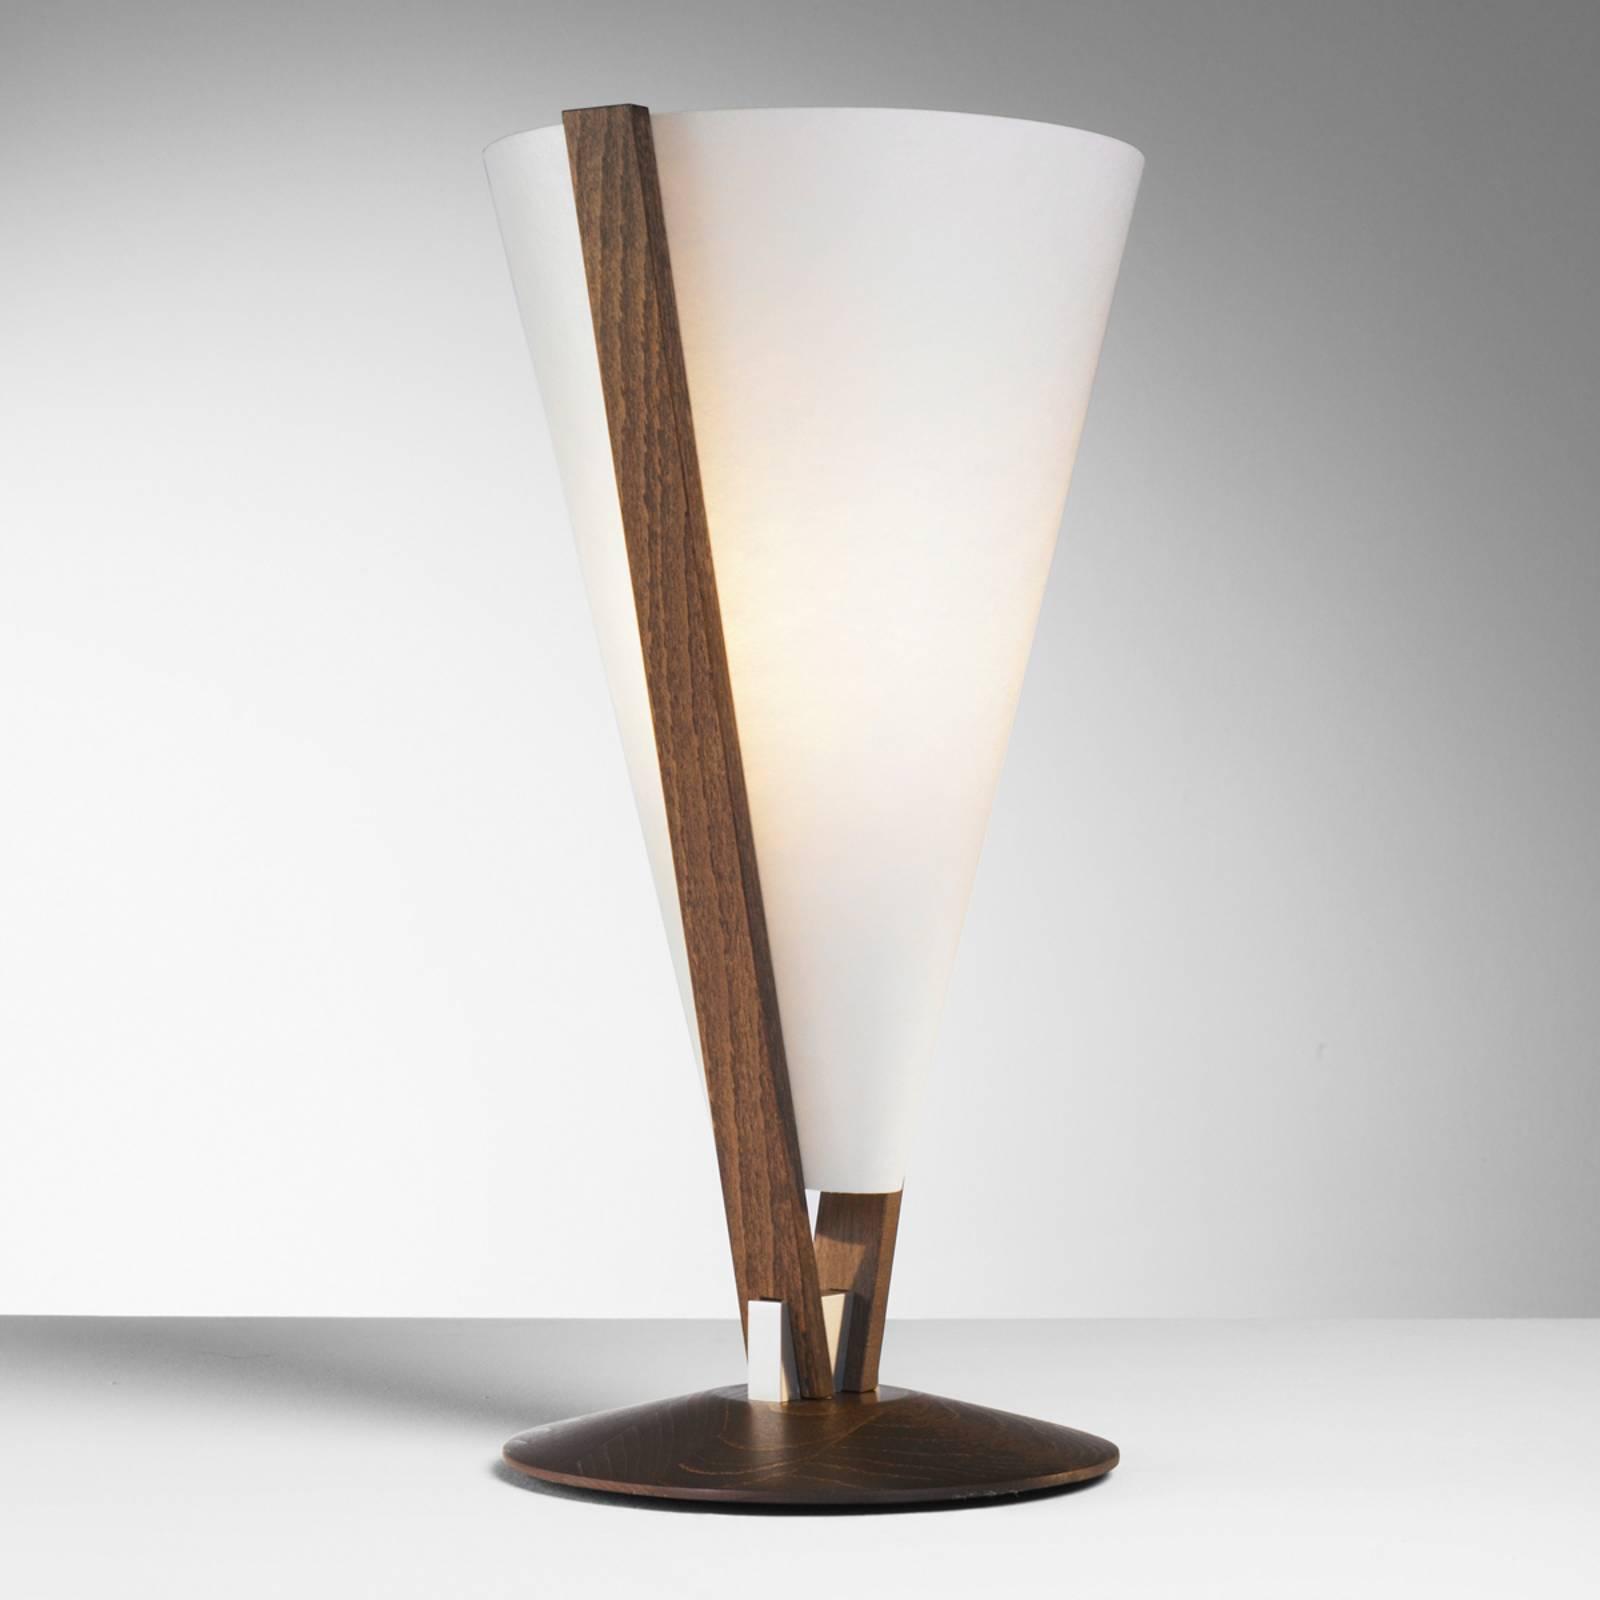 SEBA tafellamp met handschakelaar, maron